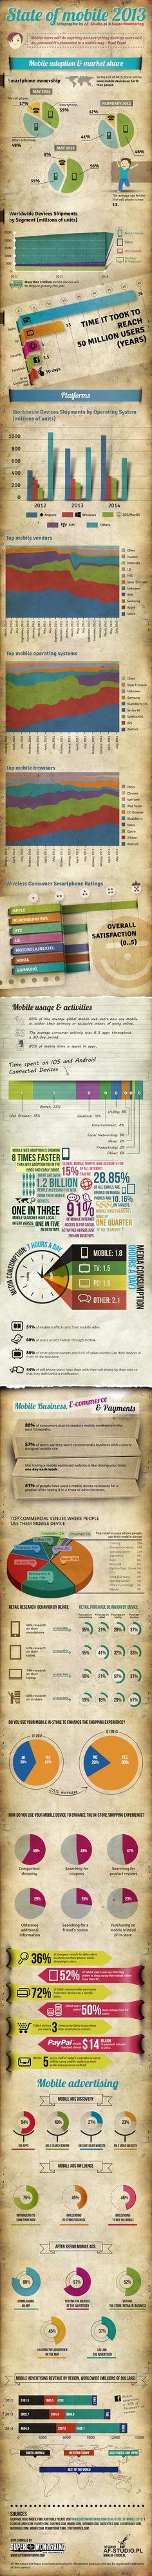 #infográfico: número de smartphones ultrapassa população mundial até o final de 2013 http://www.midiaria.com/?p=7343